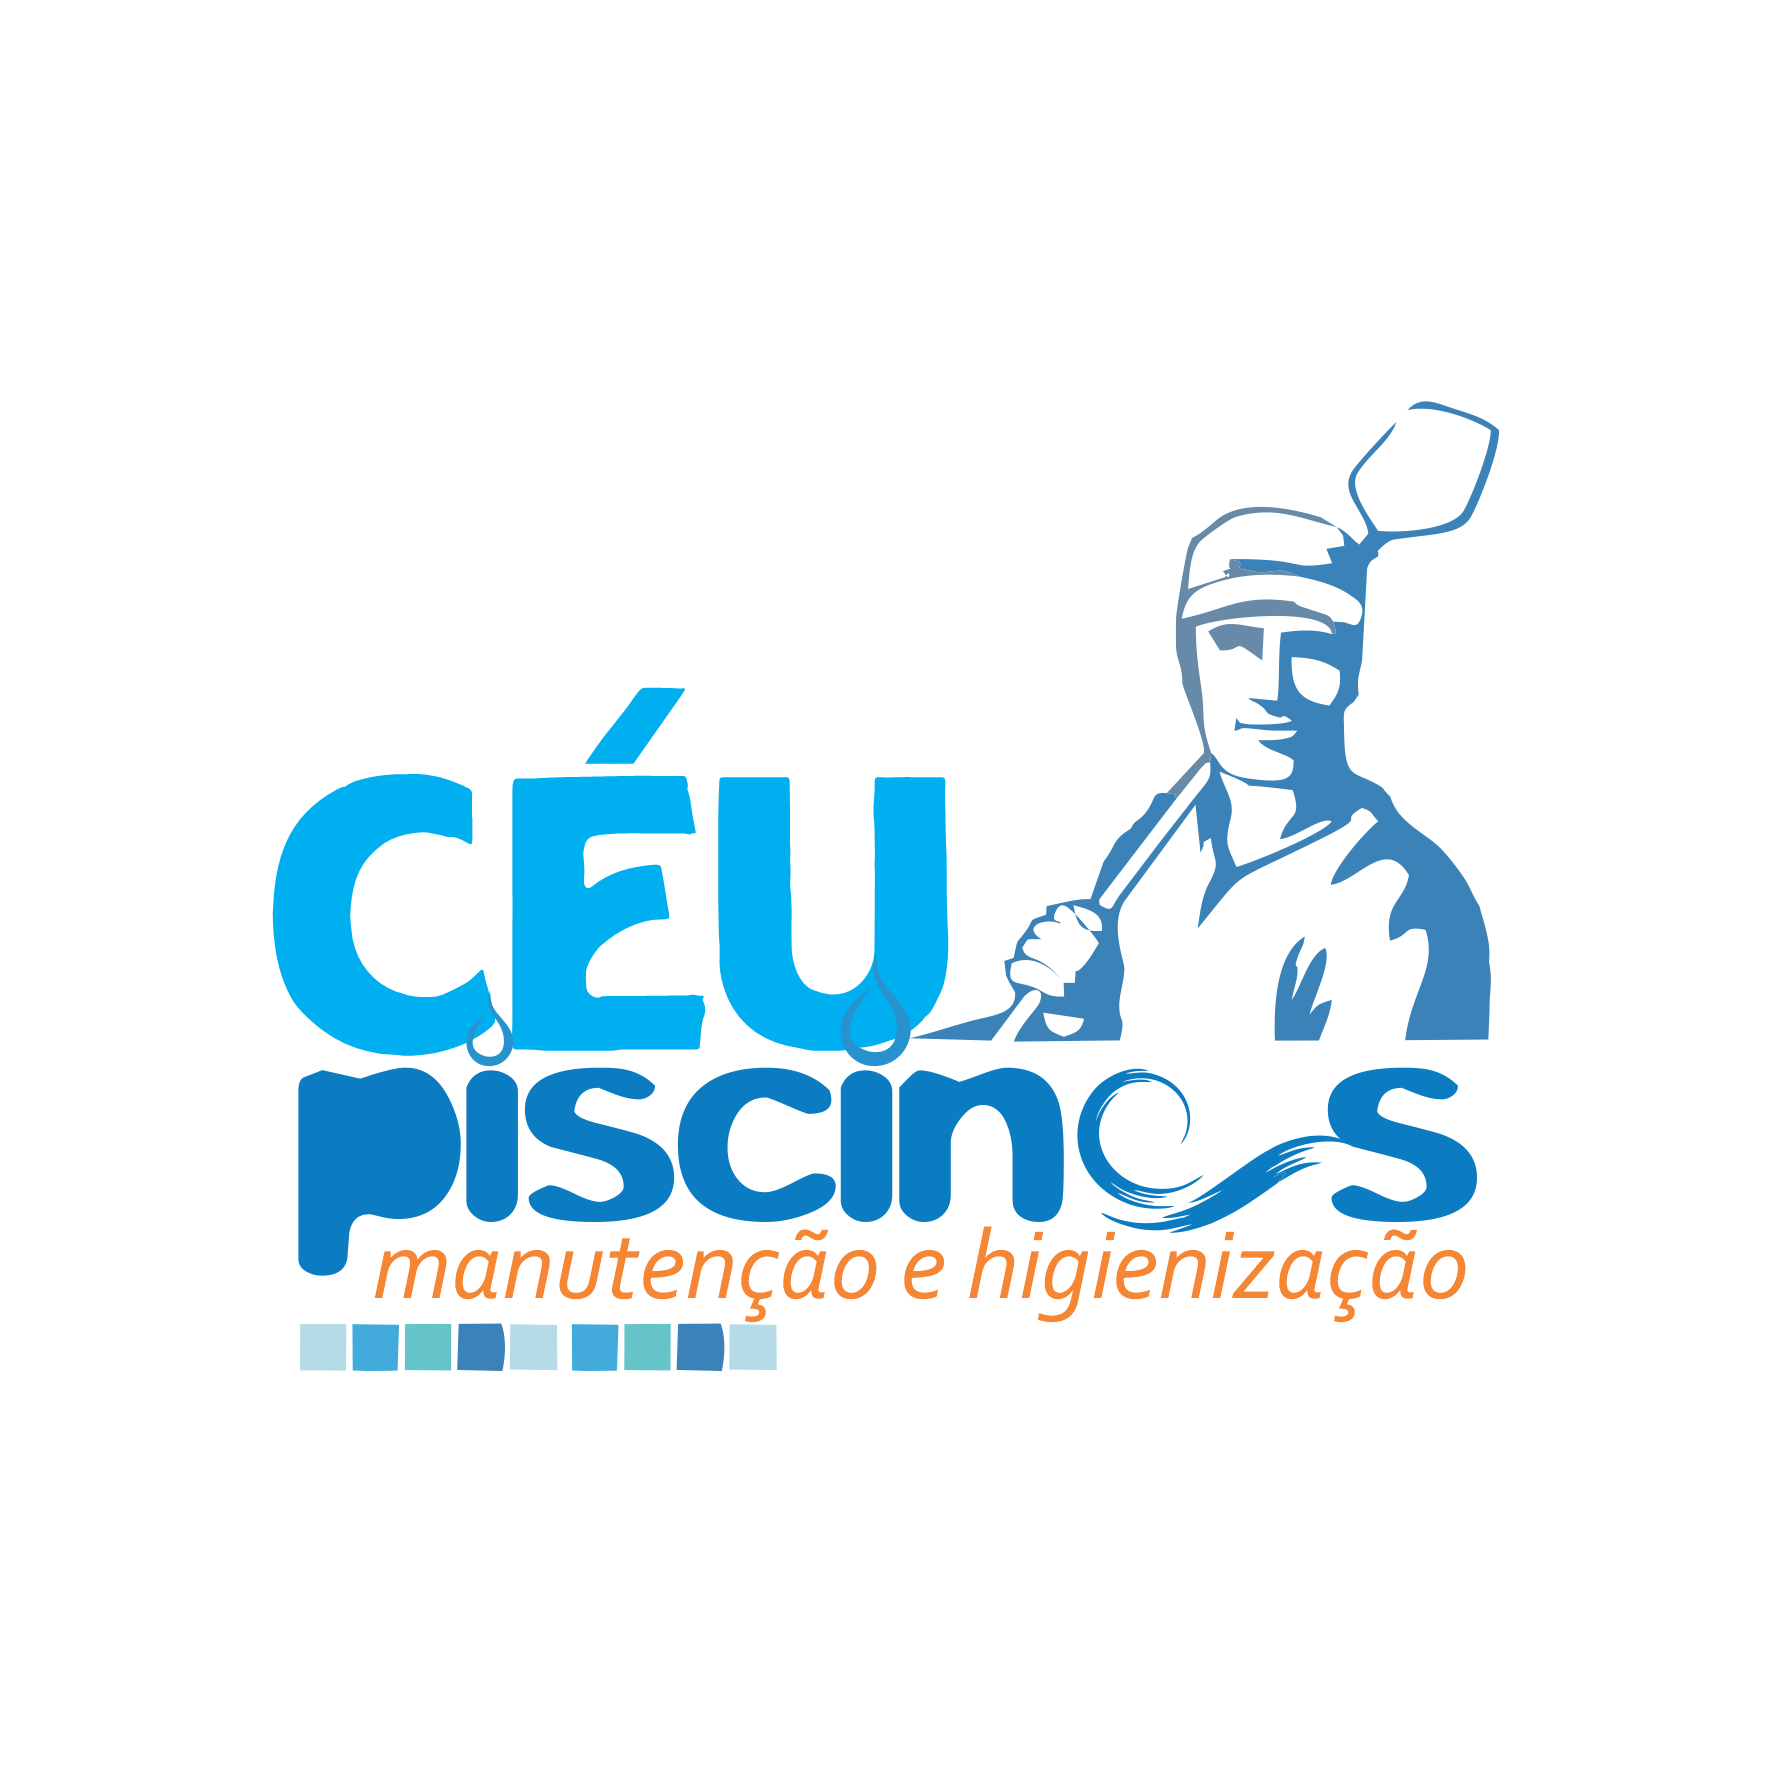 Logotipo Logomarca Higienização e Manutenção de Piscinas